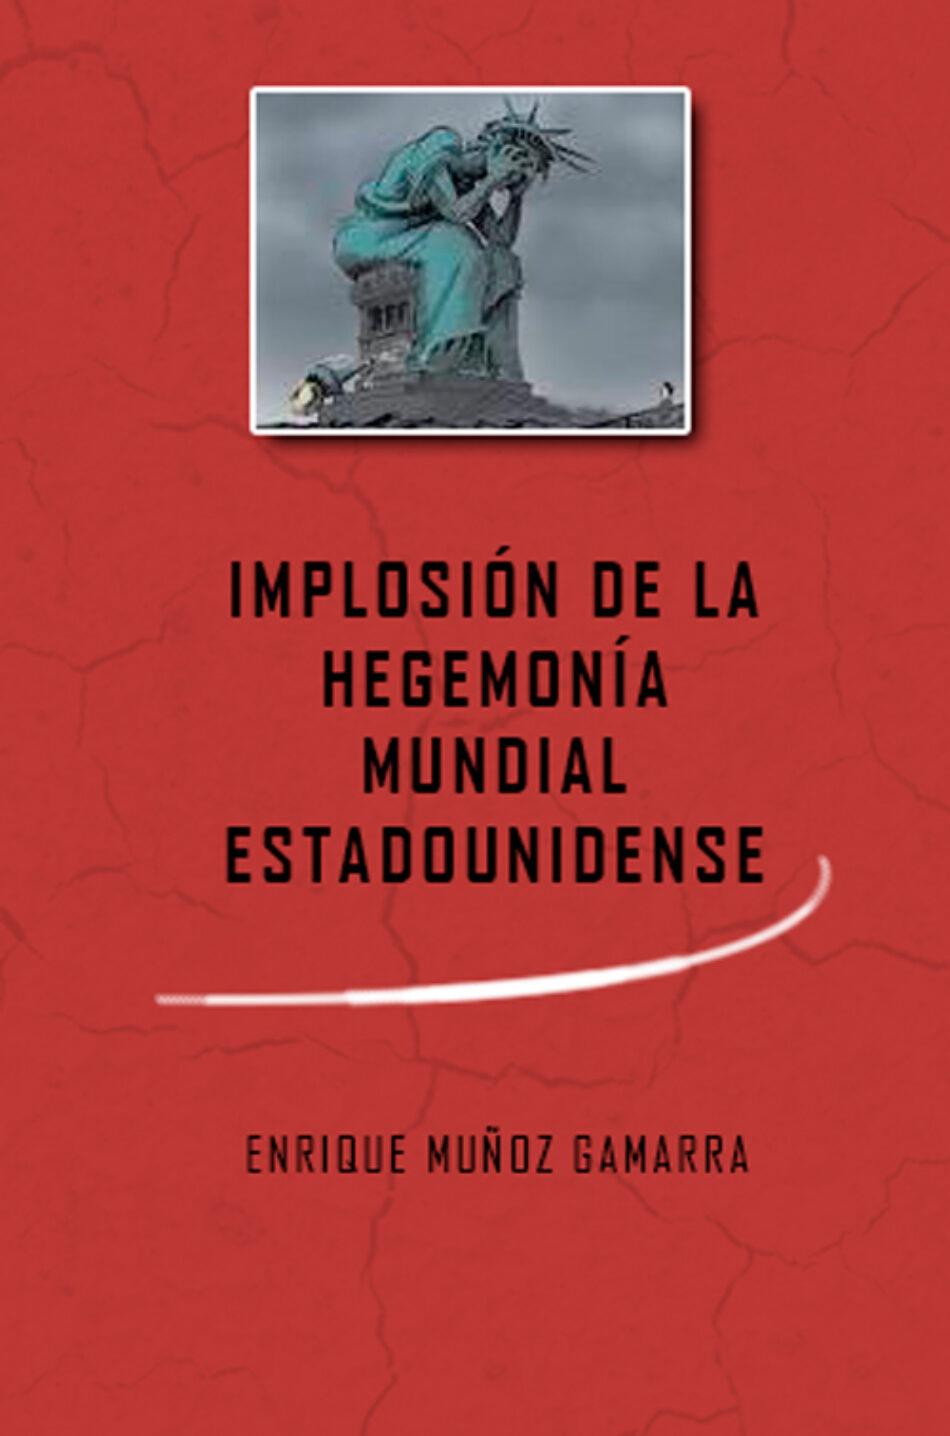 Publican «Implosión de la Hegemonía Mundial Estadounidense», una obra del sociólogo peruano Enrique Muñoz Gamarra